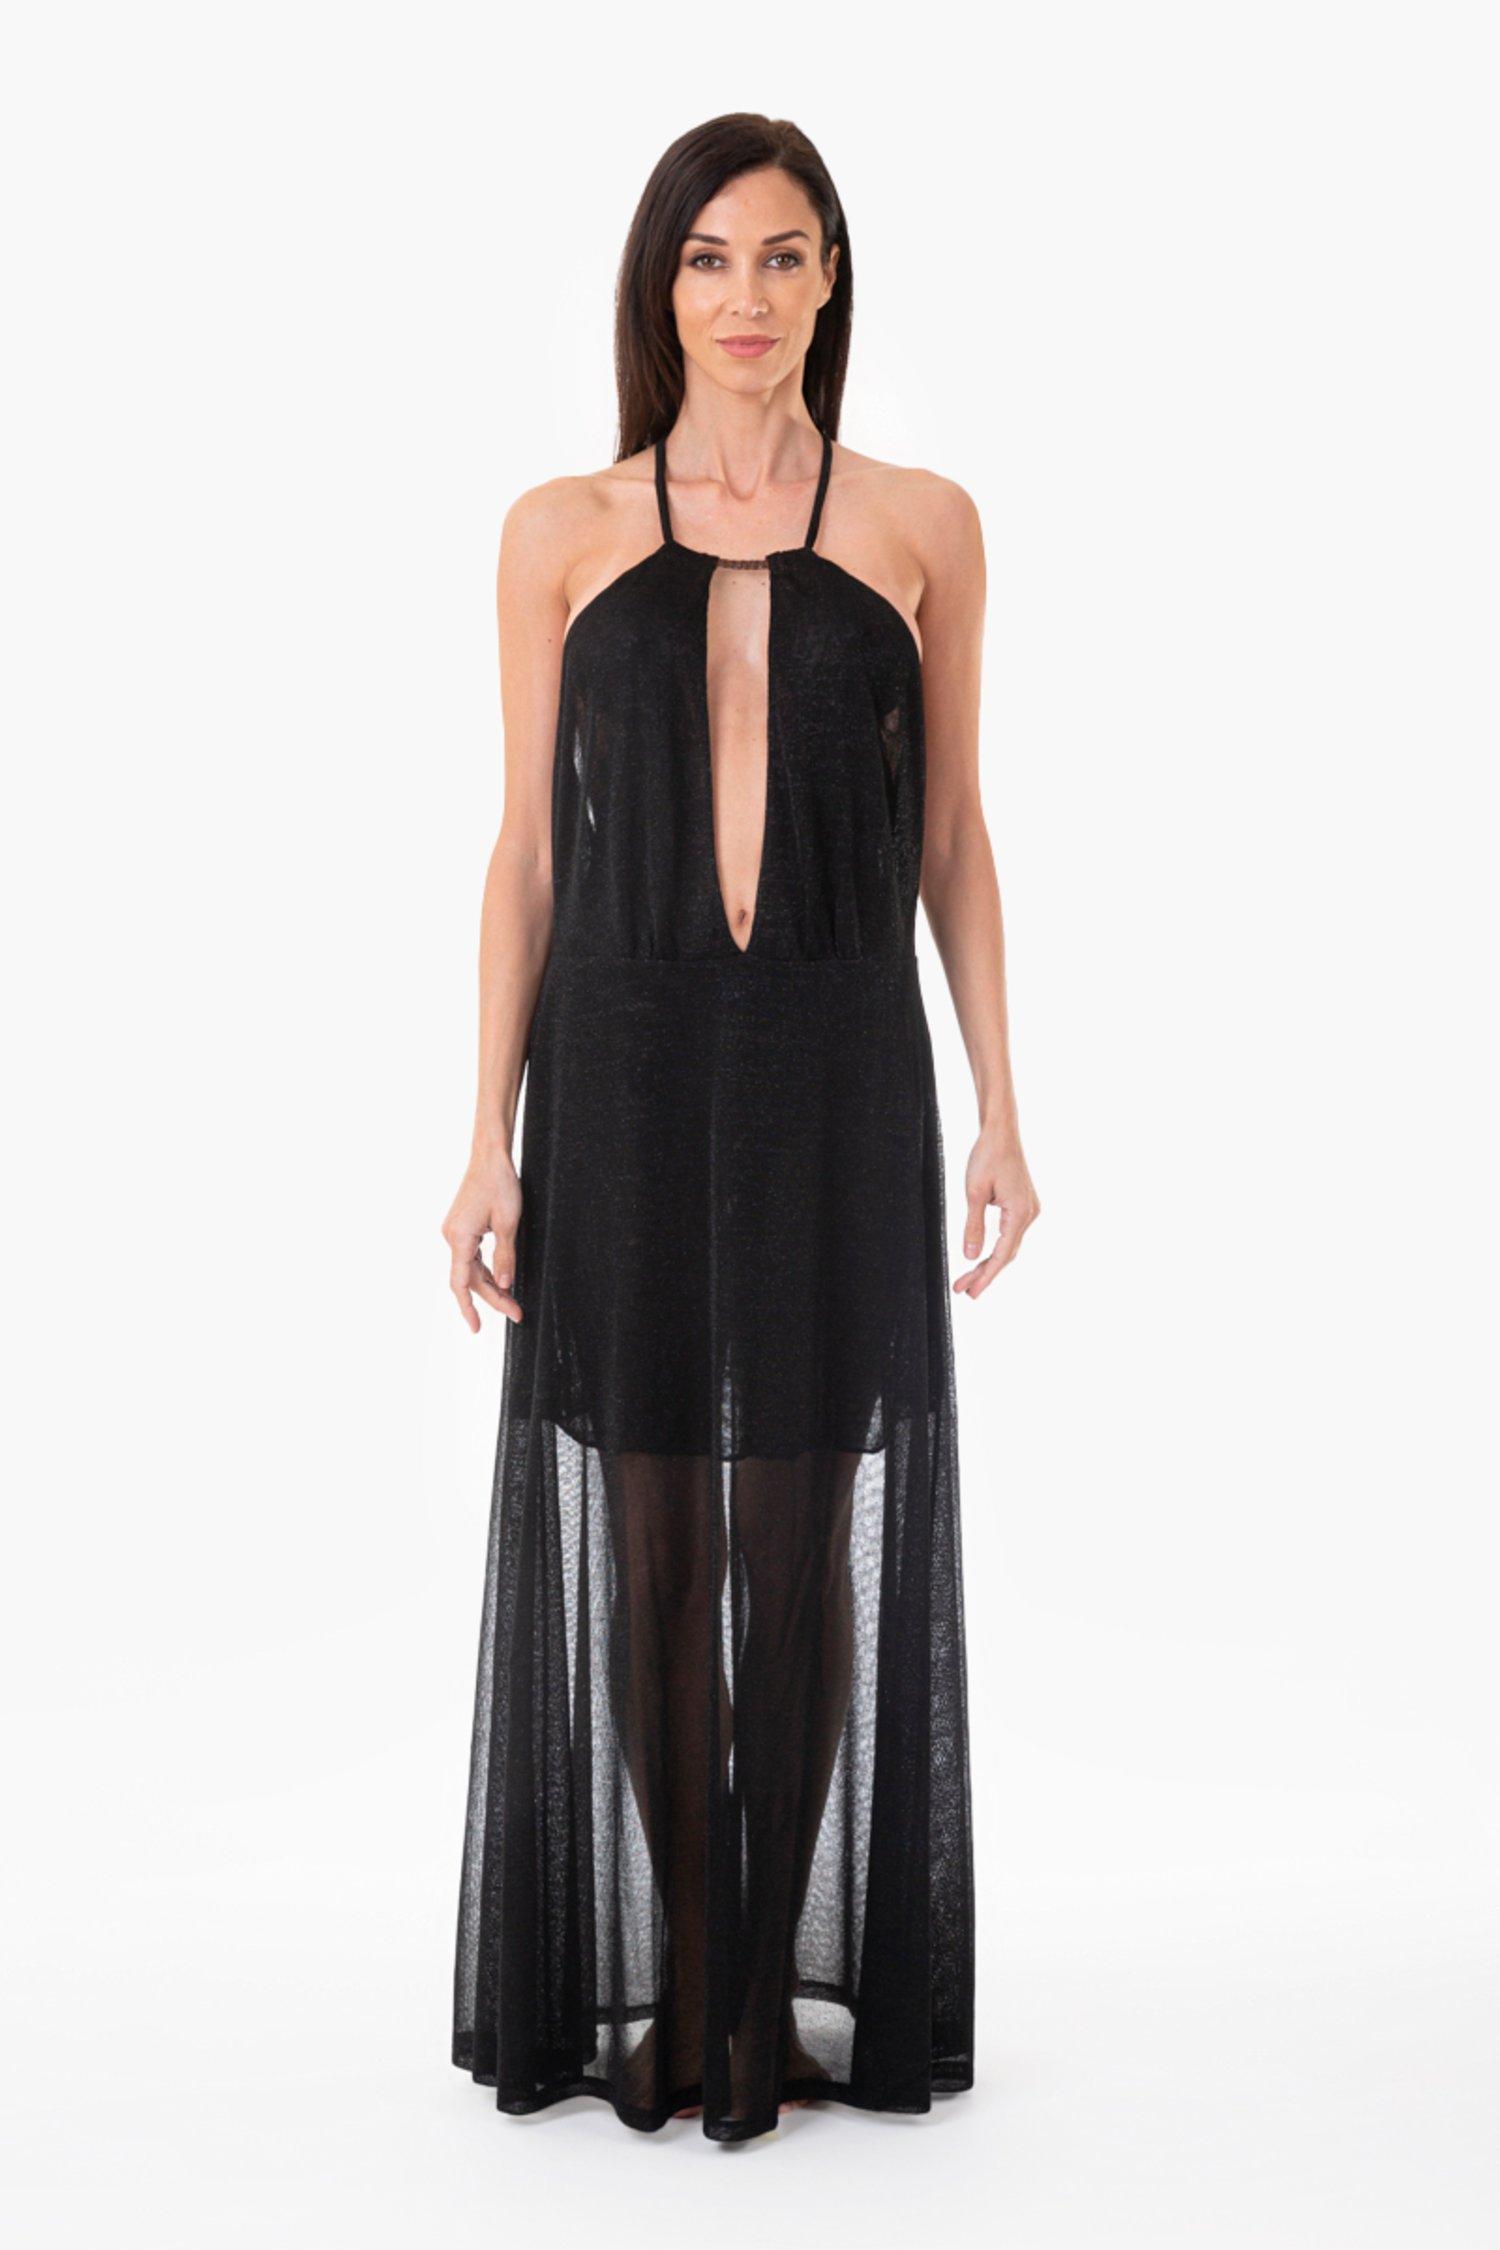 LUREX LONG BEACH DRESS WITH DEEP NECKLINE - Maglia Lurex Nero